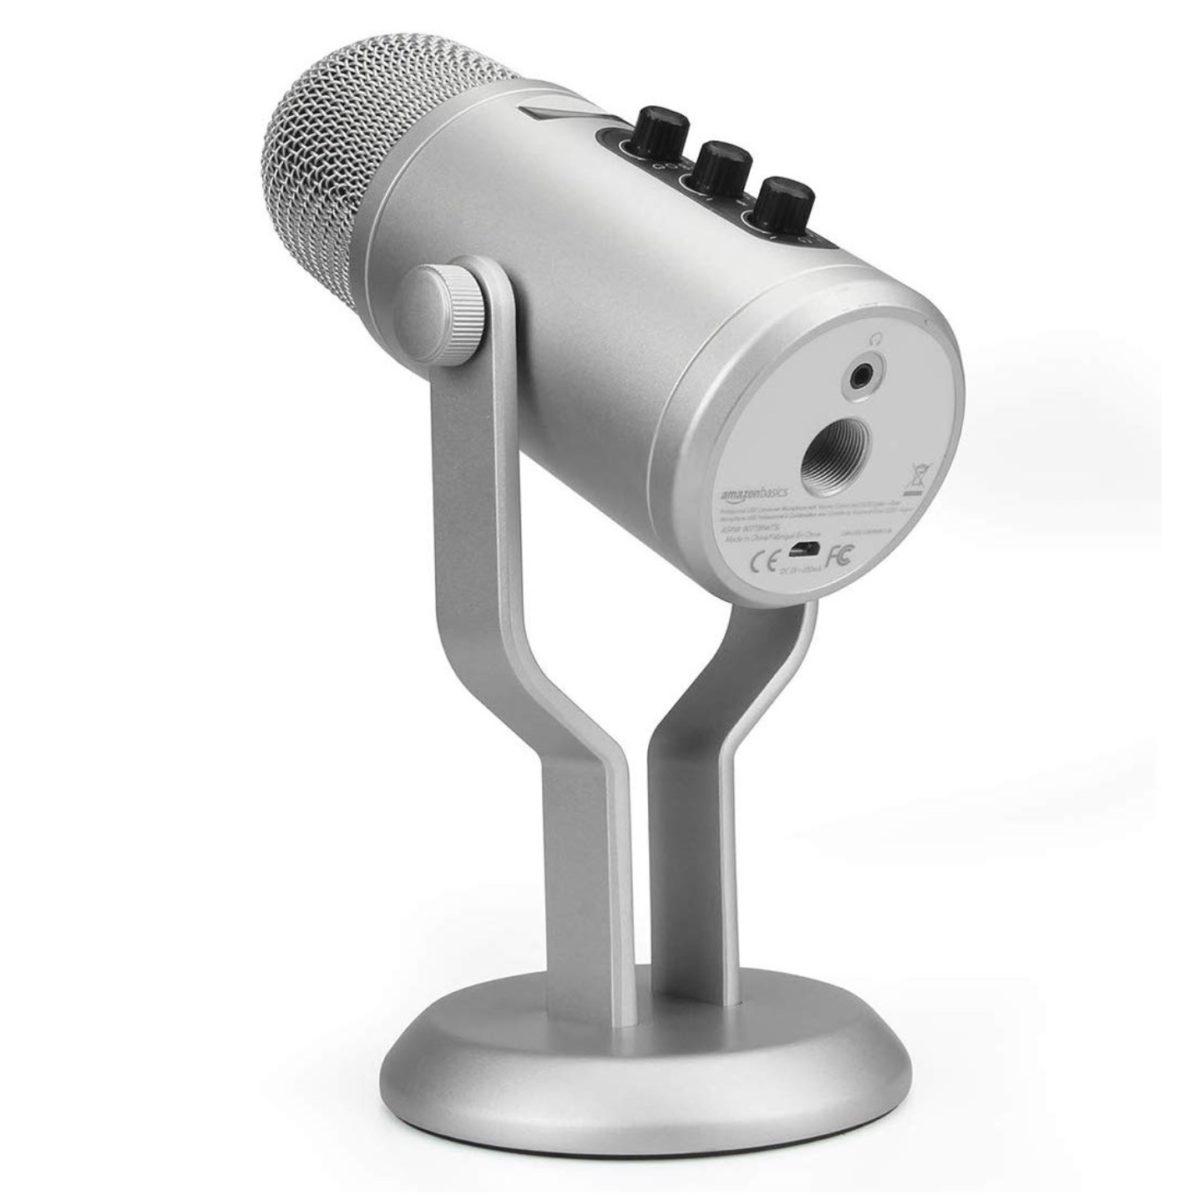 Microfono a condesatore in stile Yeti per Mac e PC: super offerta di Amazon Basics a meno di 35 €